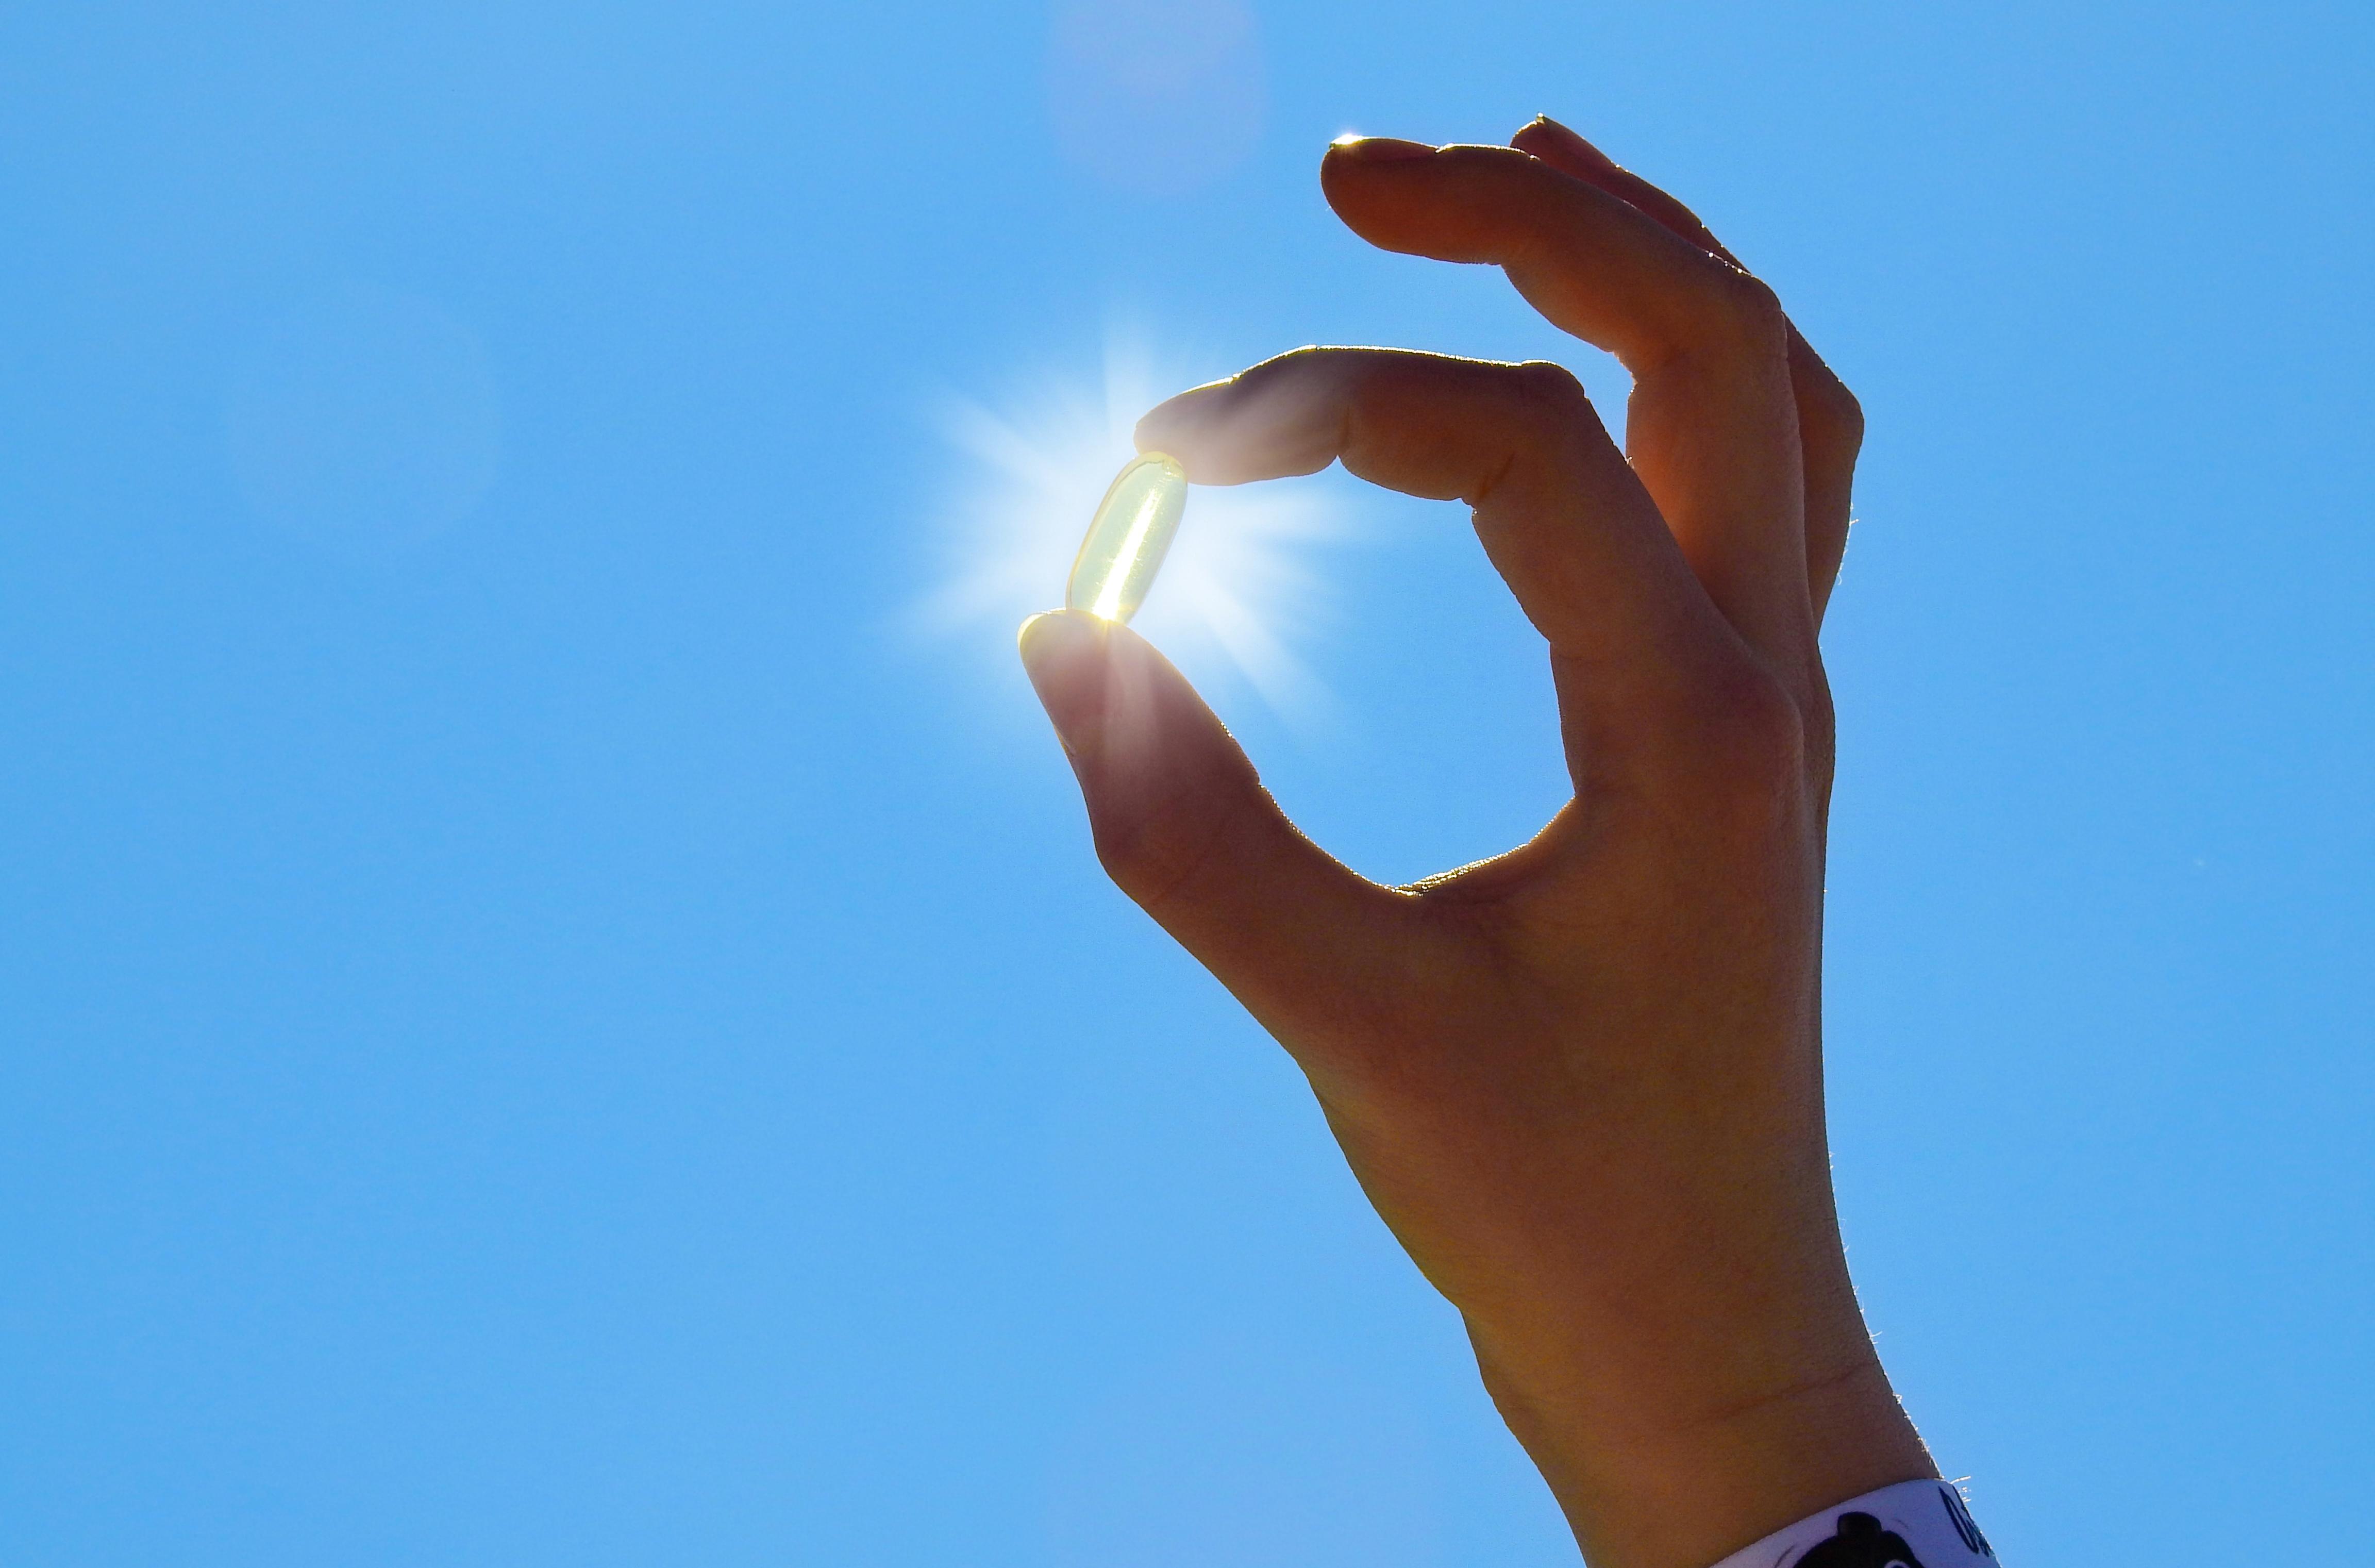 L'exposition au rayonnement ultraviolet B (UVB) ambiant (essentiel pour la production de vitamine D dans la peau) dans les semaines précédant l'infection serait, elle, déterminante (Visuel Adobe Stock 145730503)